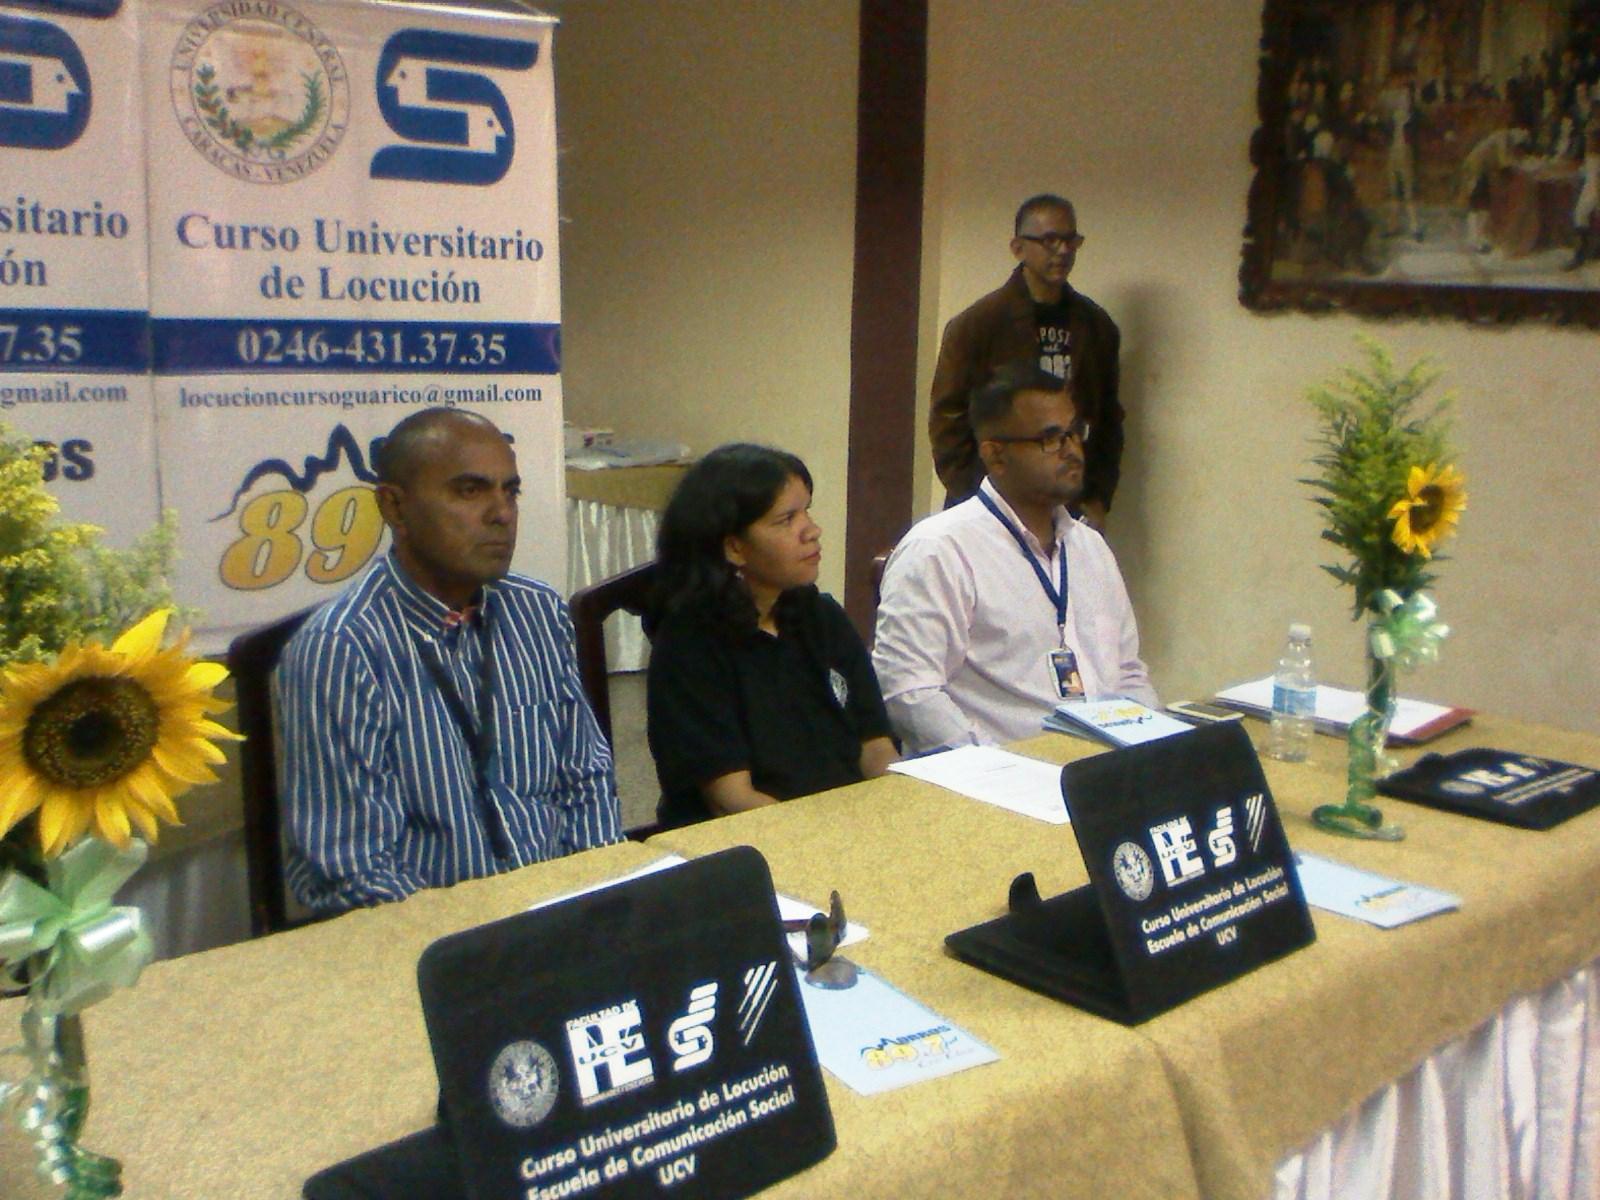 Autoridades de la Universidad Central de Venezuela presidieron el acto de entrega de los certificados